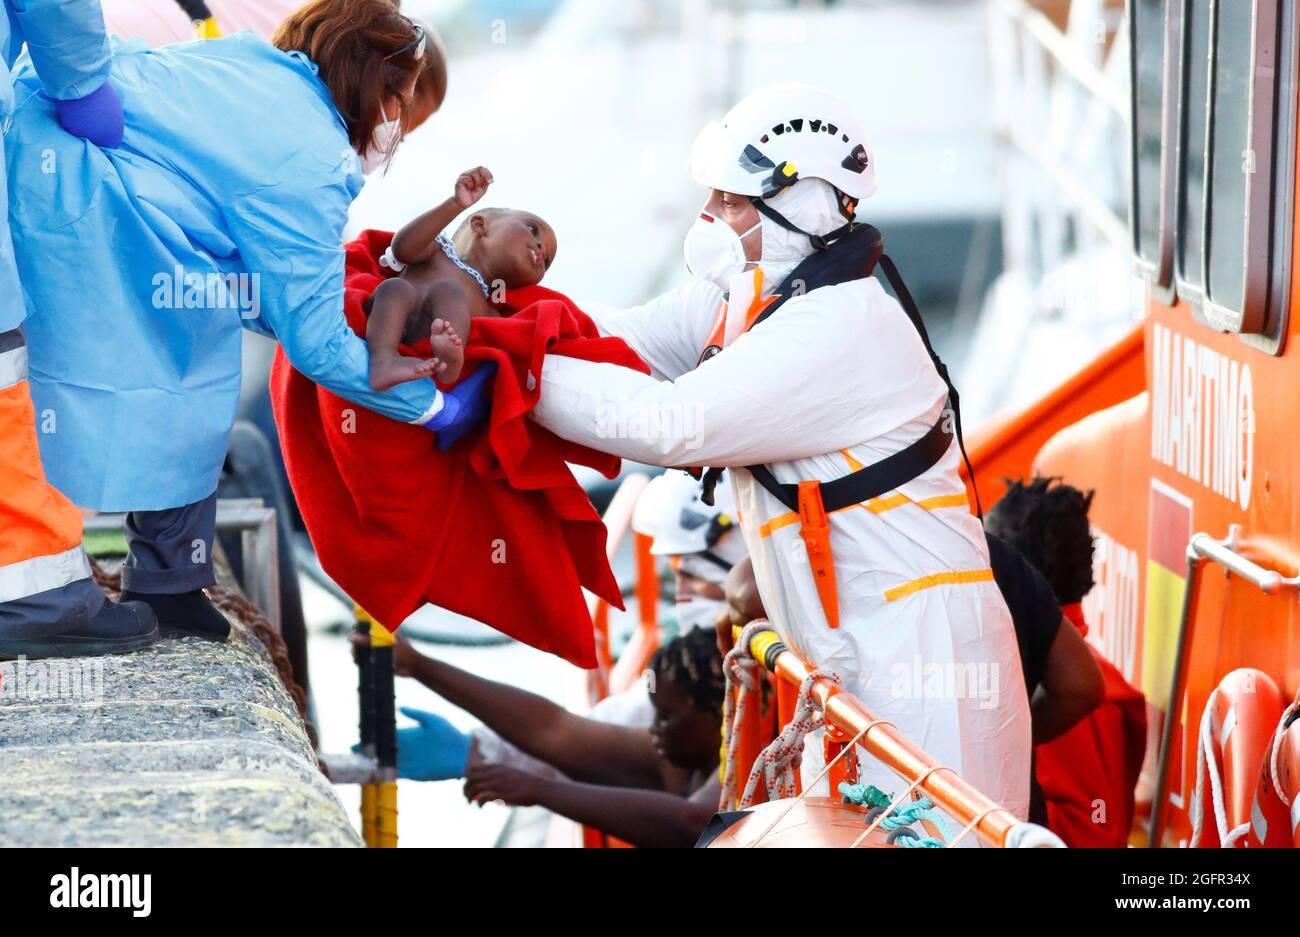 Retter helfen einem Migrantenkind, von einem spanischen Küstenwachschiff im Hafen von Arguineguin auf der Insel Gran Canaria, Spanien, auszusteigen, 26. August 2021. REUTERS/Borja Suarez Stockfoto